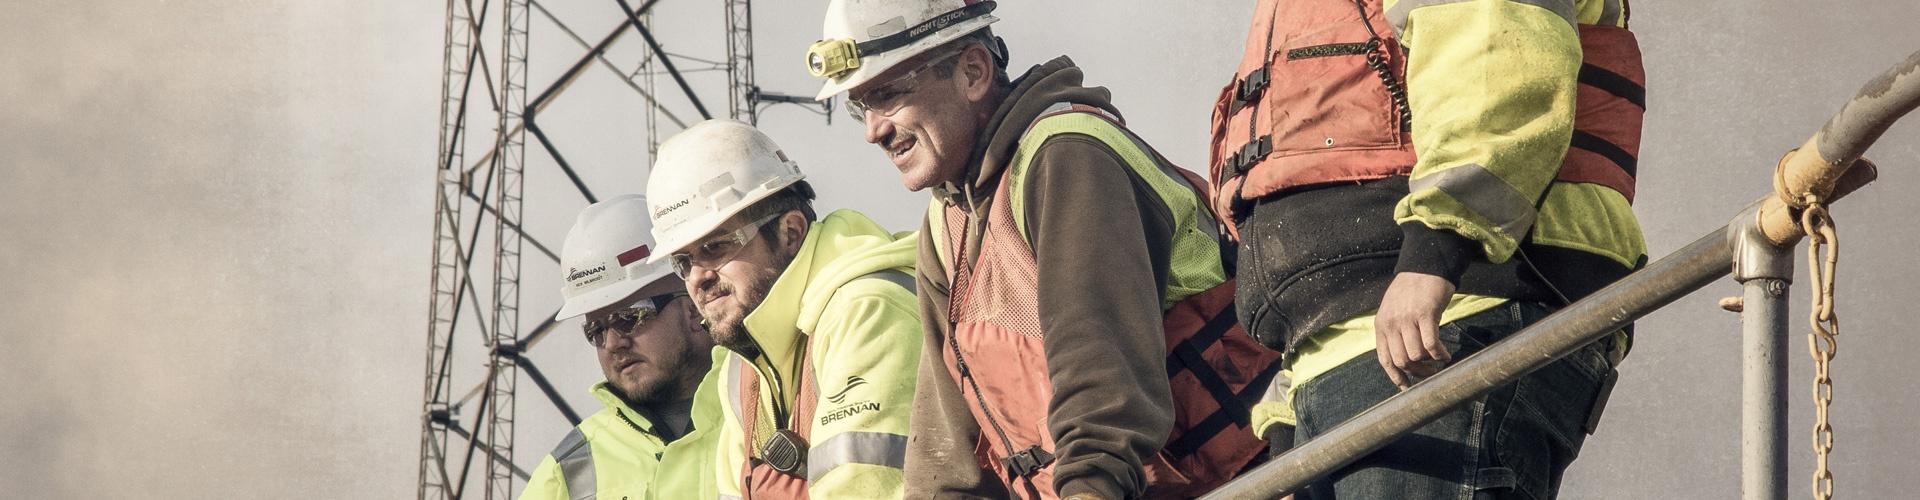 brennan careers, construction careers, environmental careers